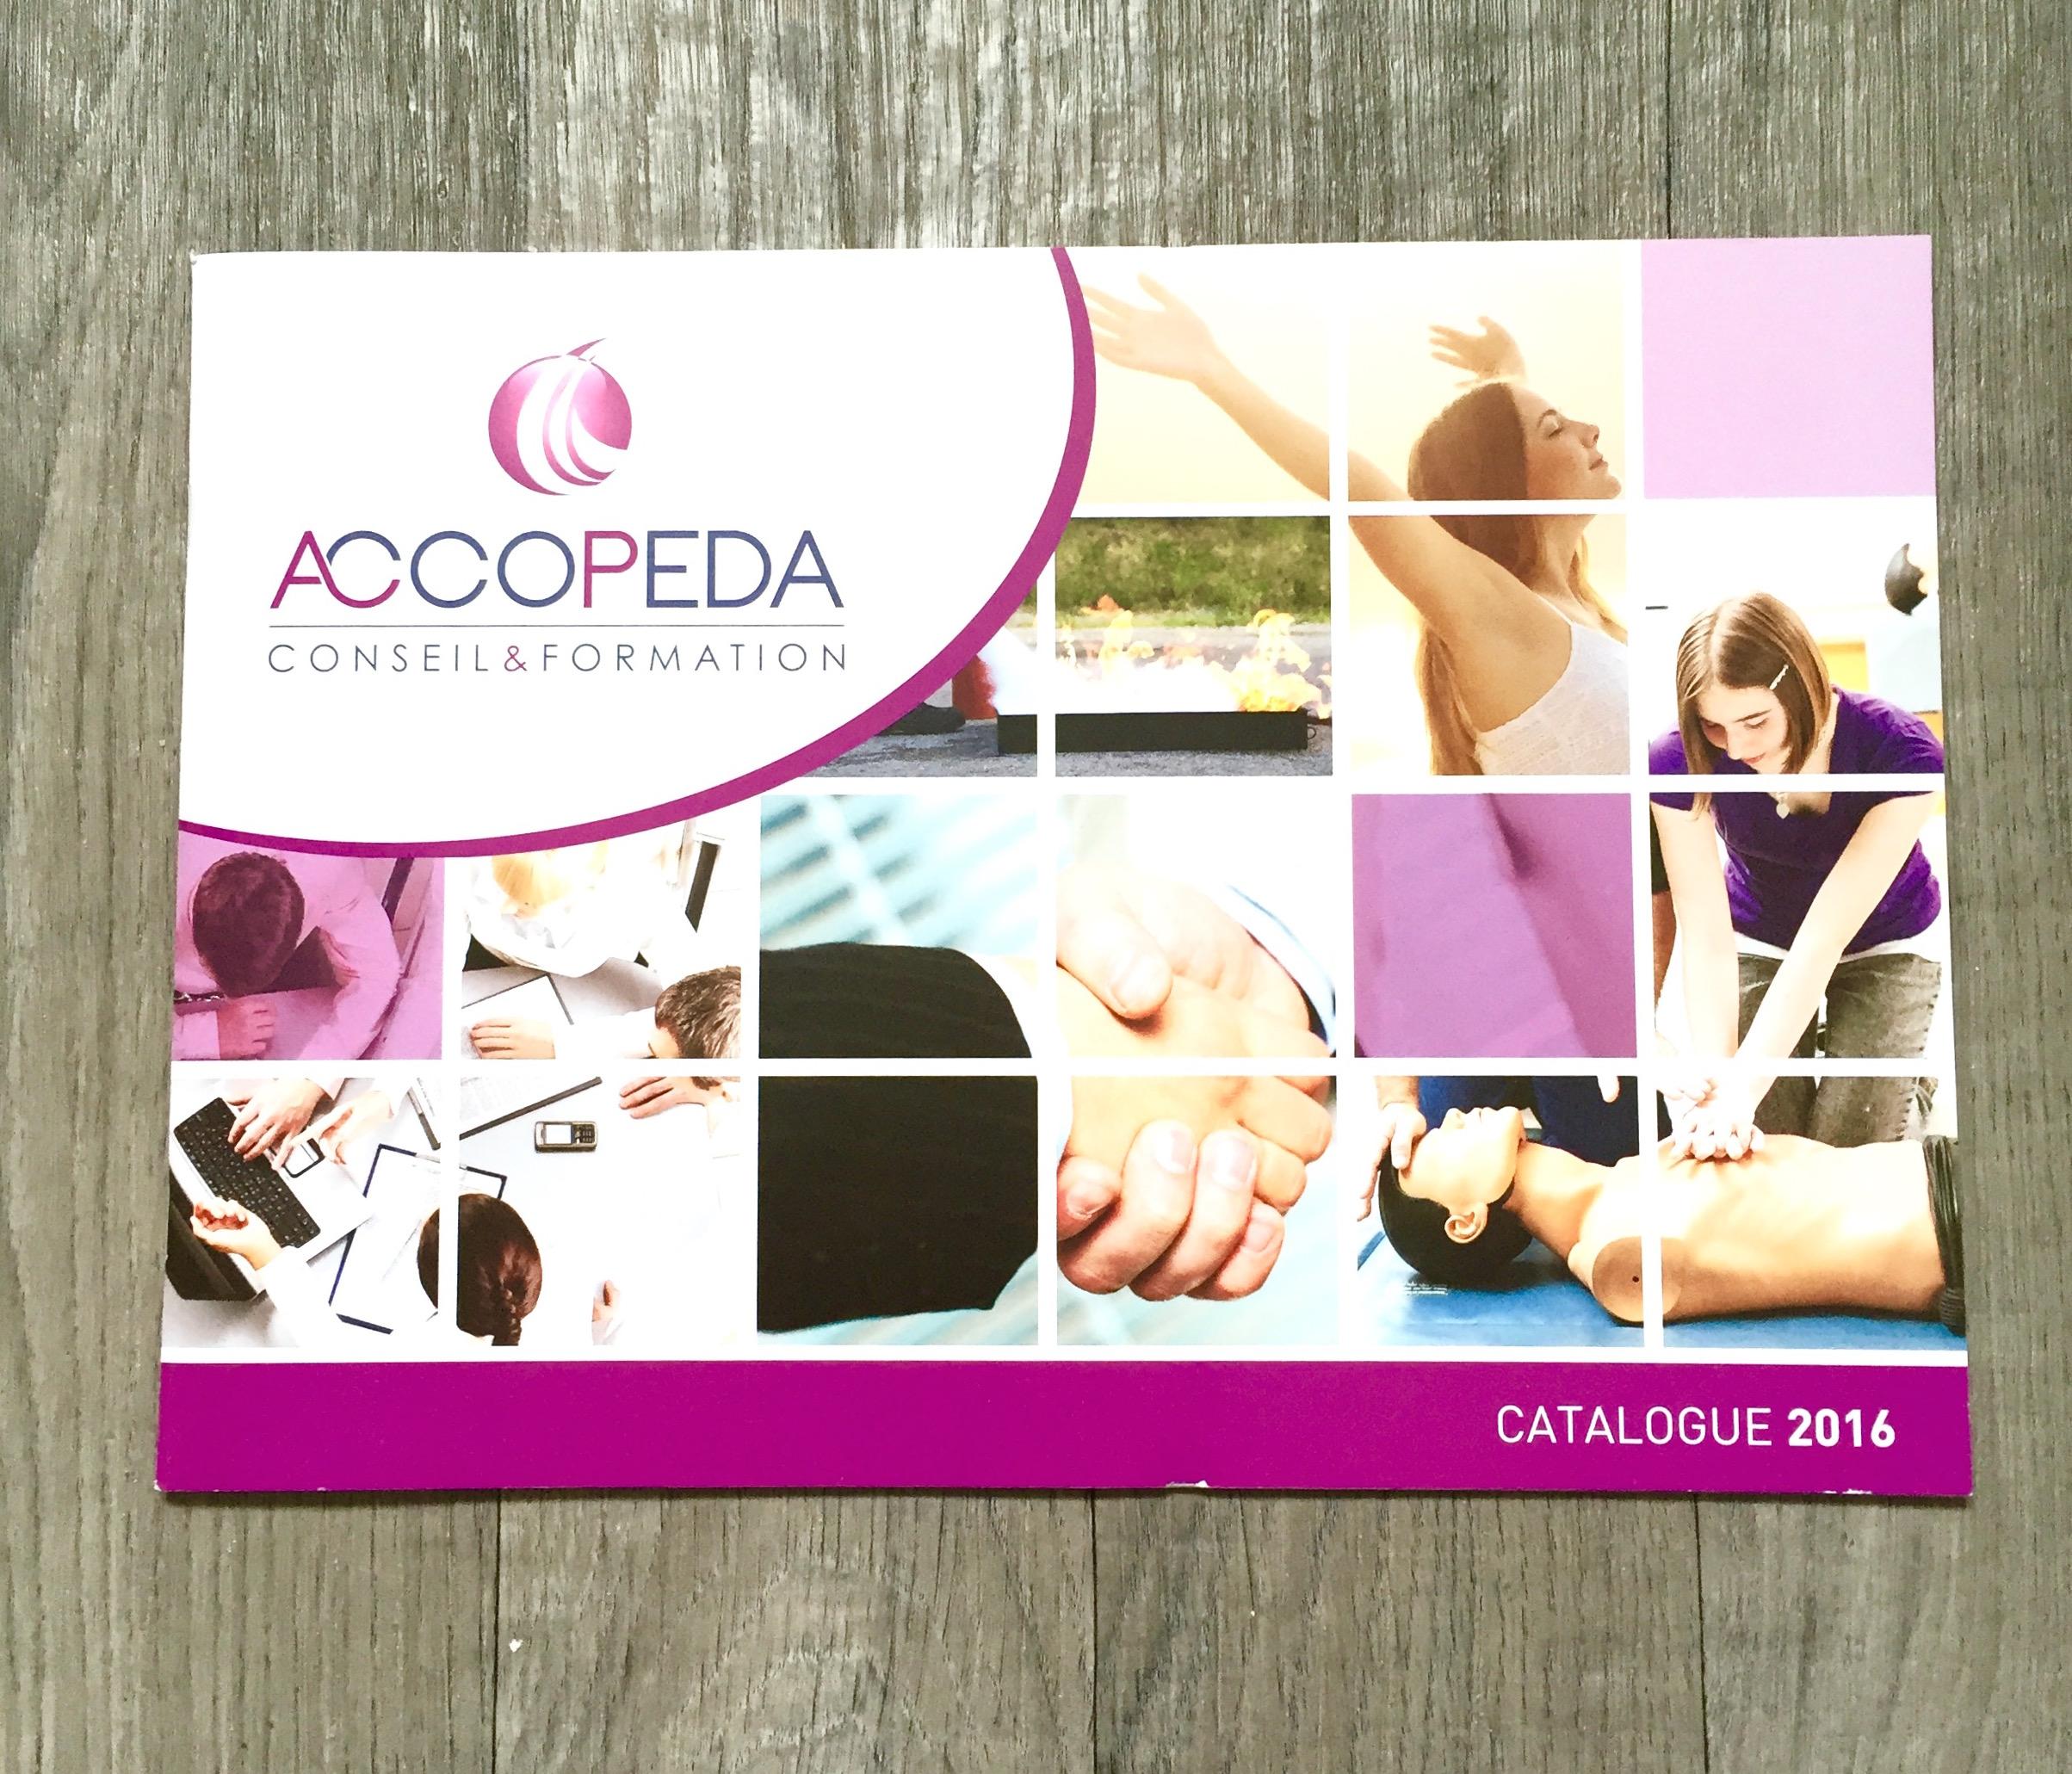 catalogue-accopeda-2016.jpg